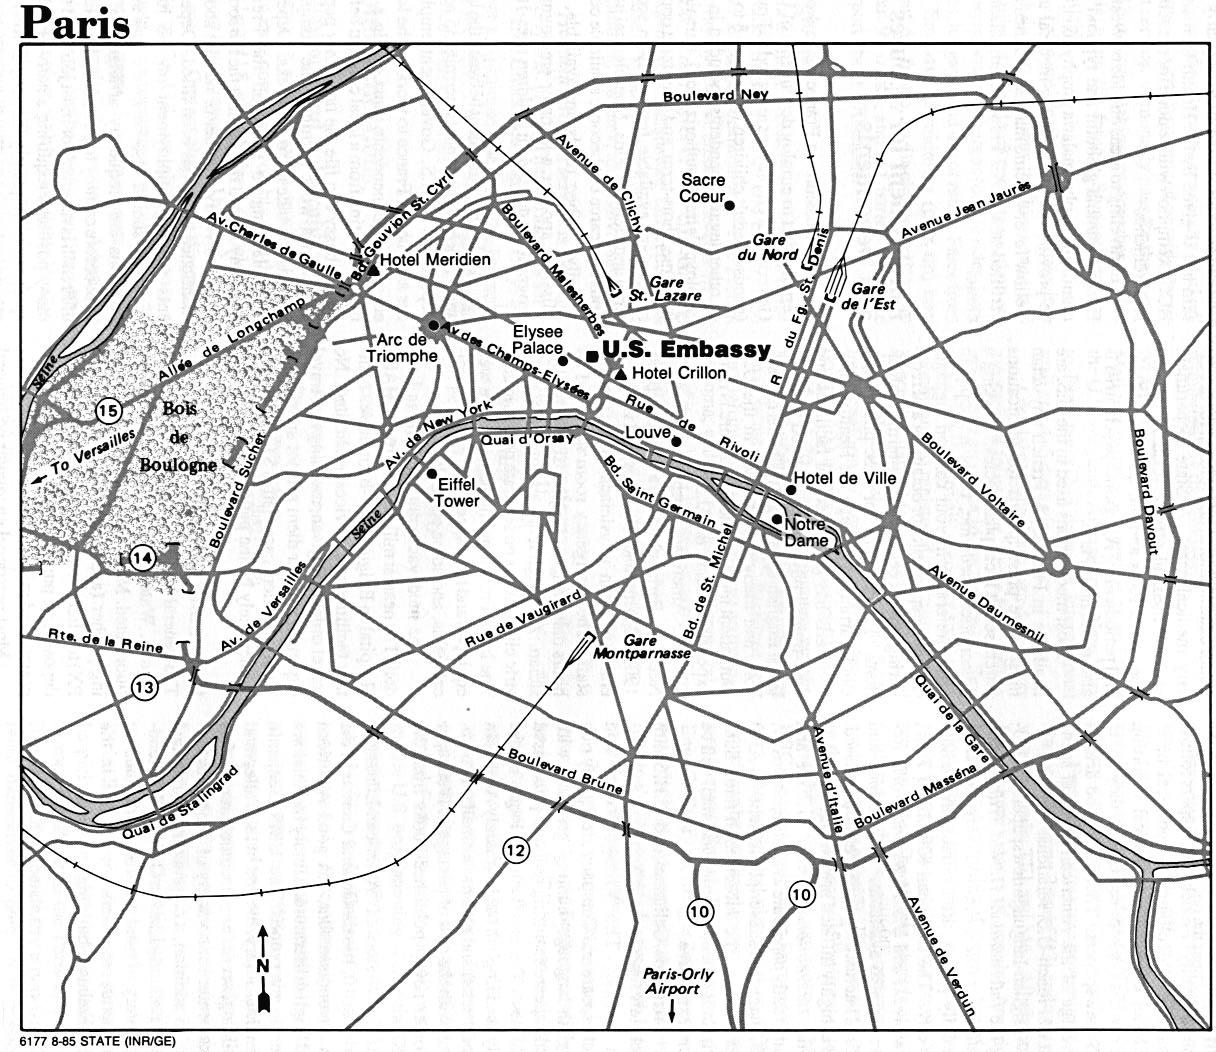 Paris City Map Paris Mappery - Paris map outline